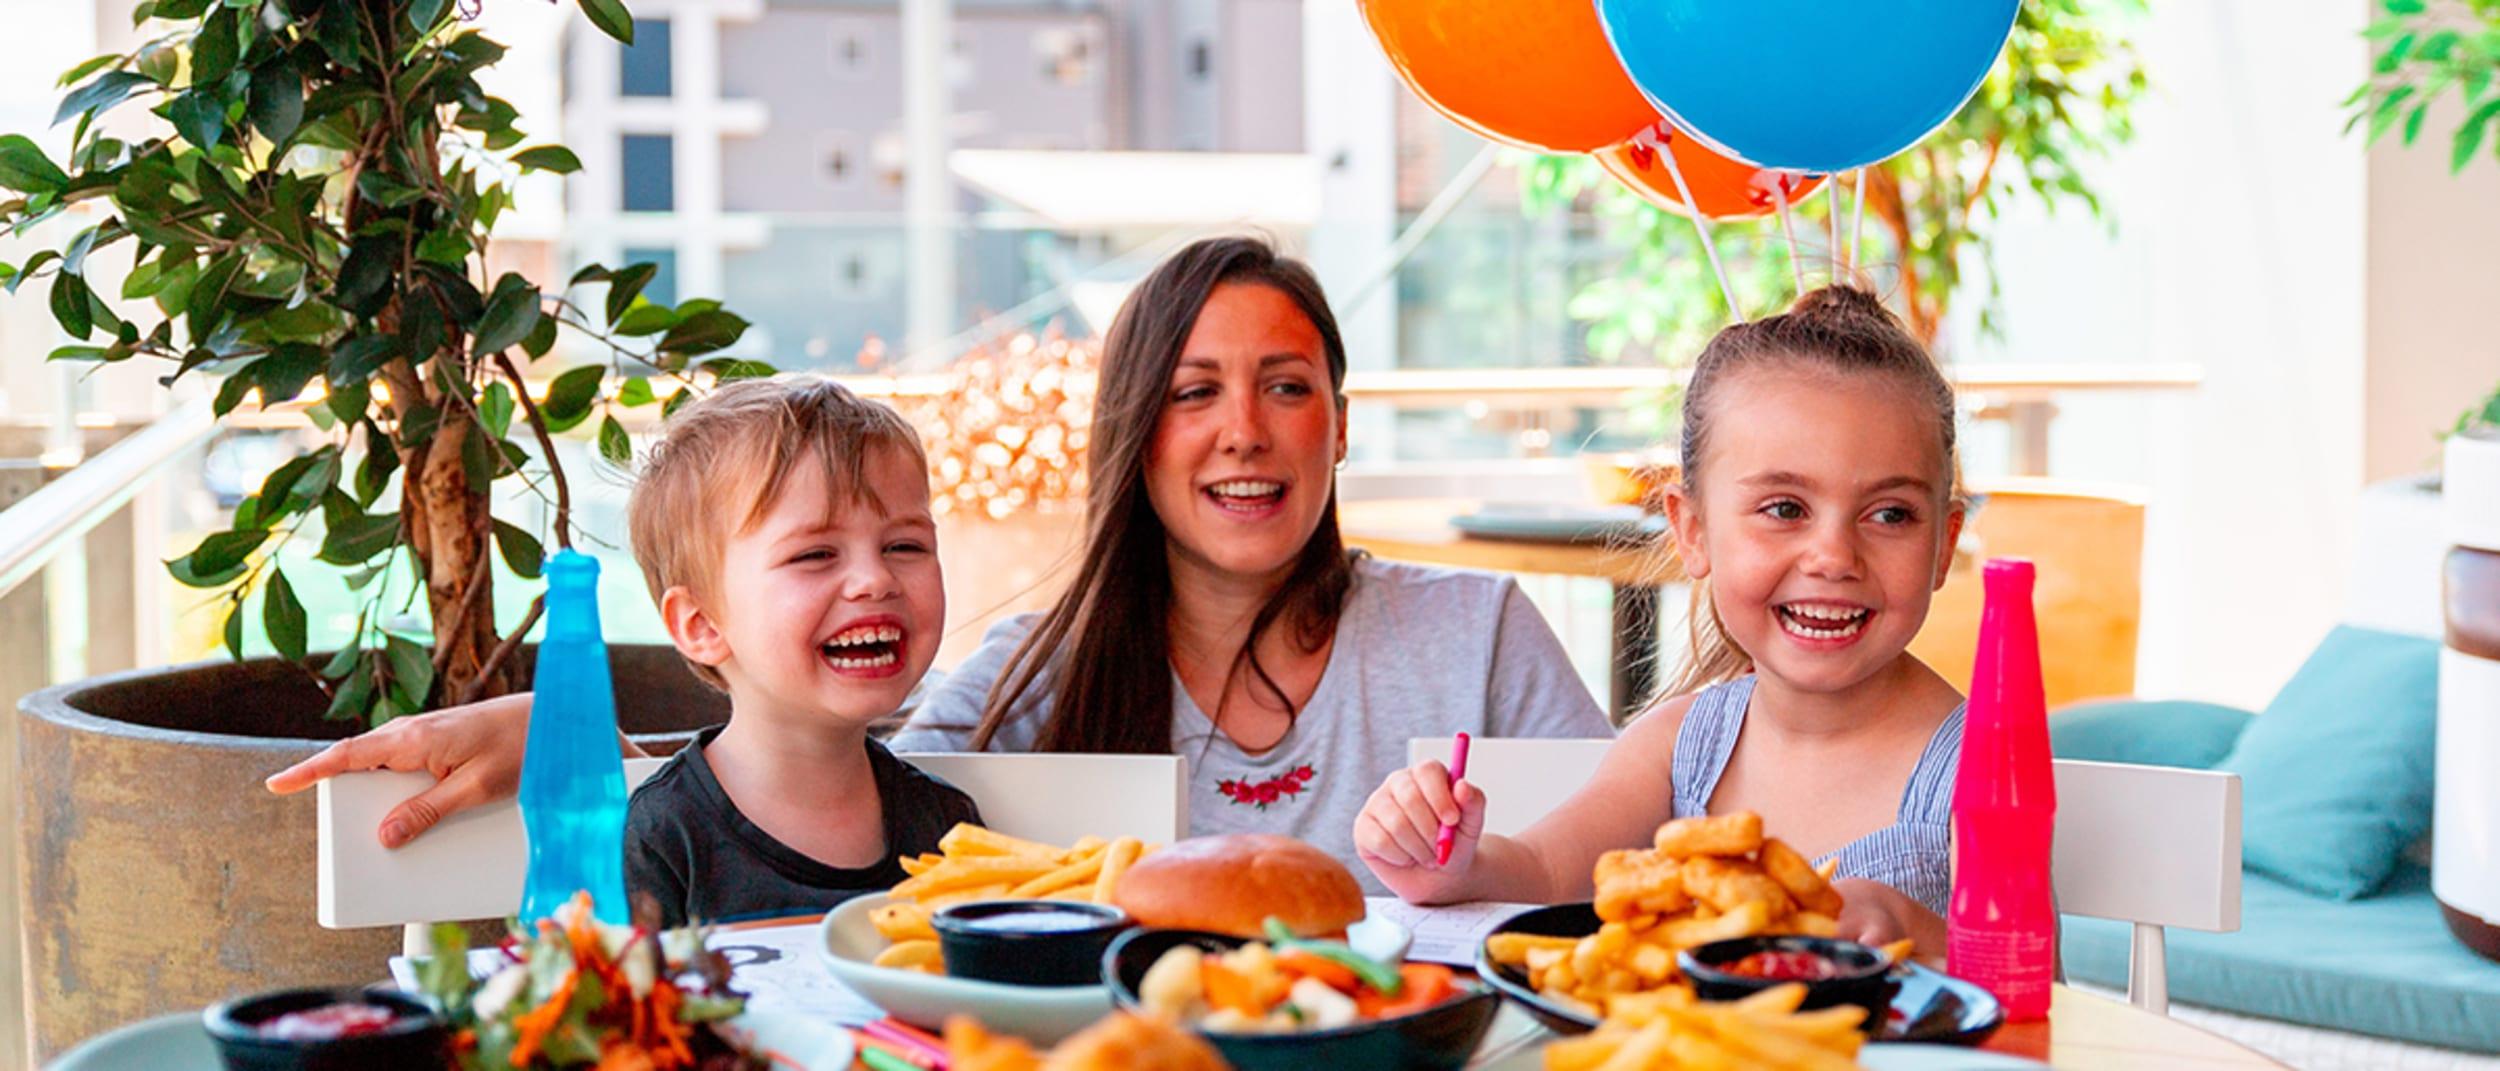 Kids Eat FREE at Rashays